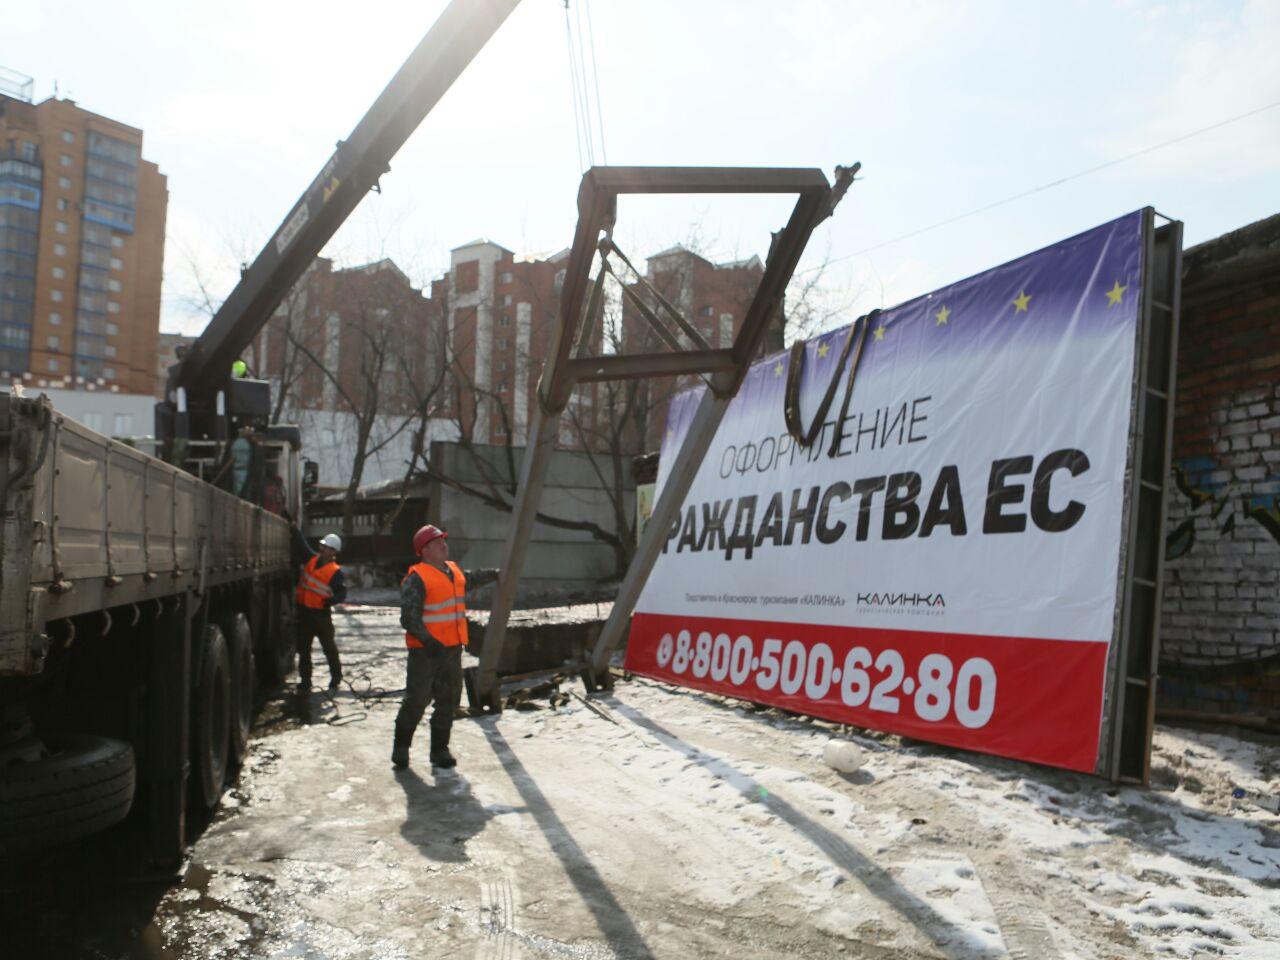 Дома Красноярска очистят от 300 незаконных рекламных конструкций